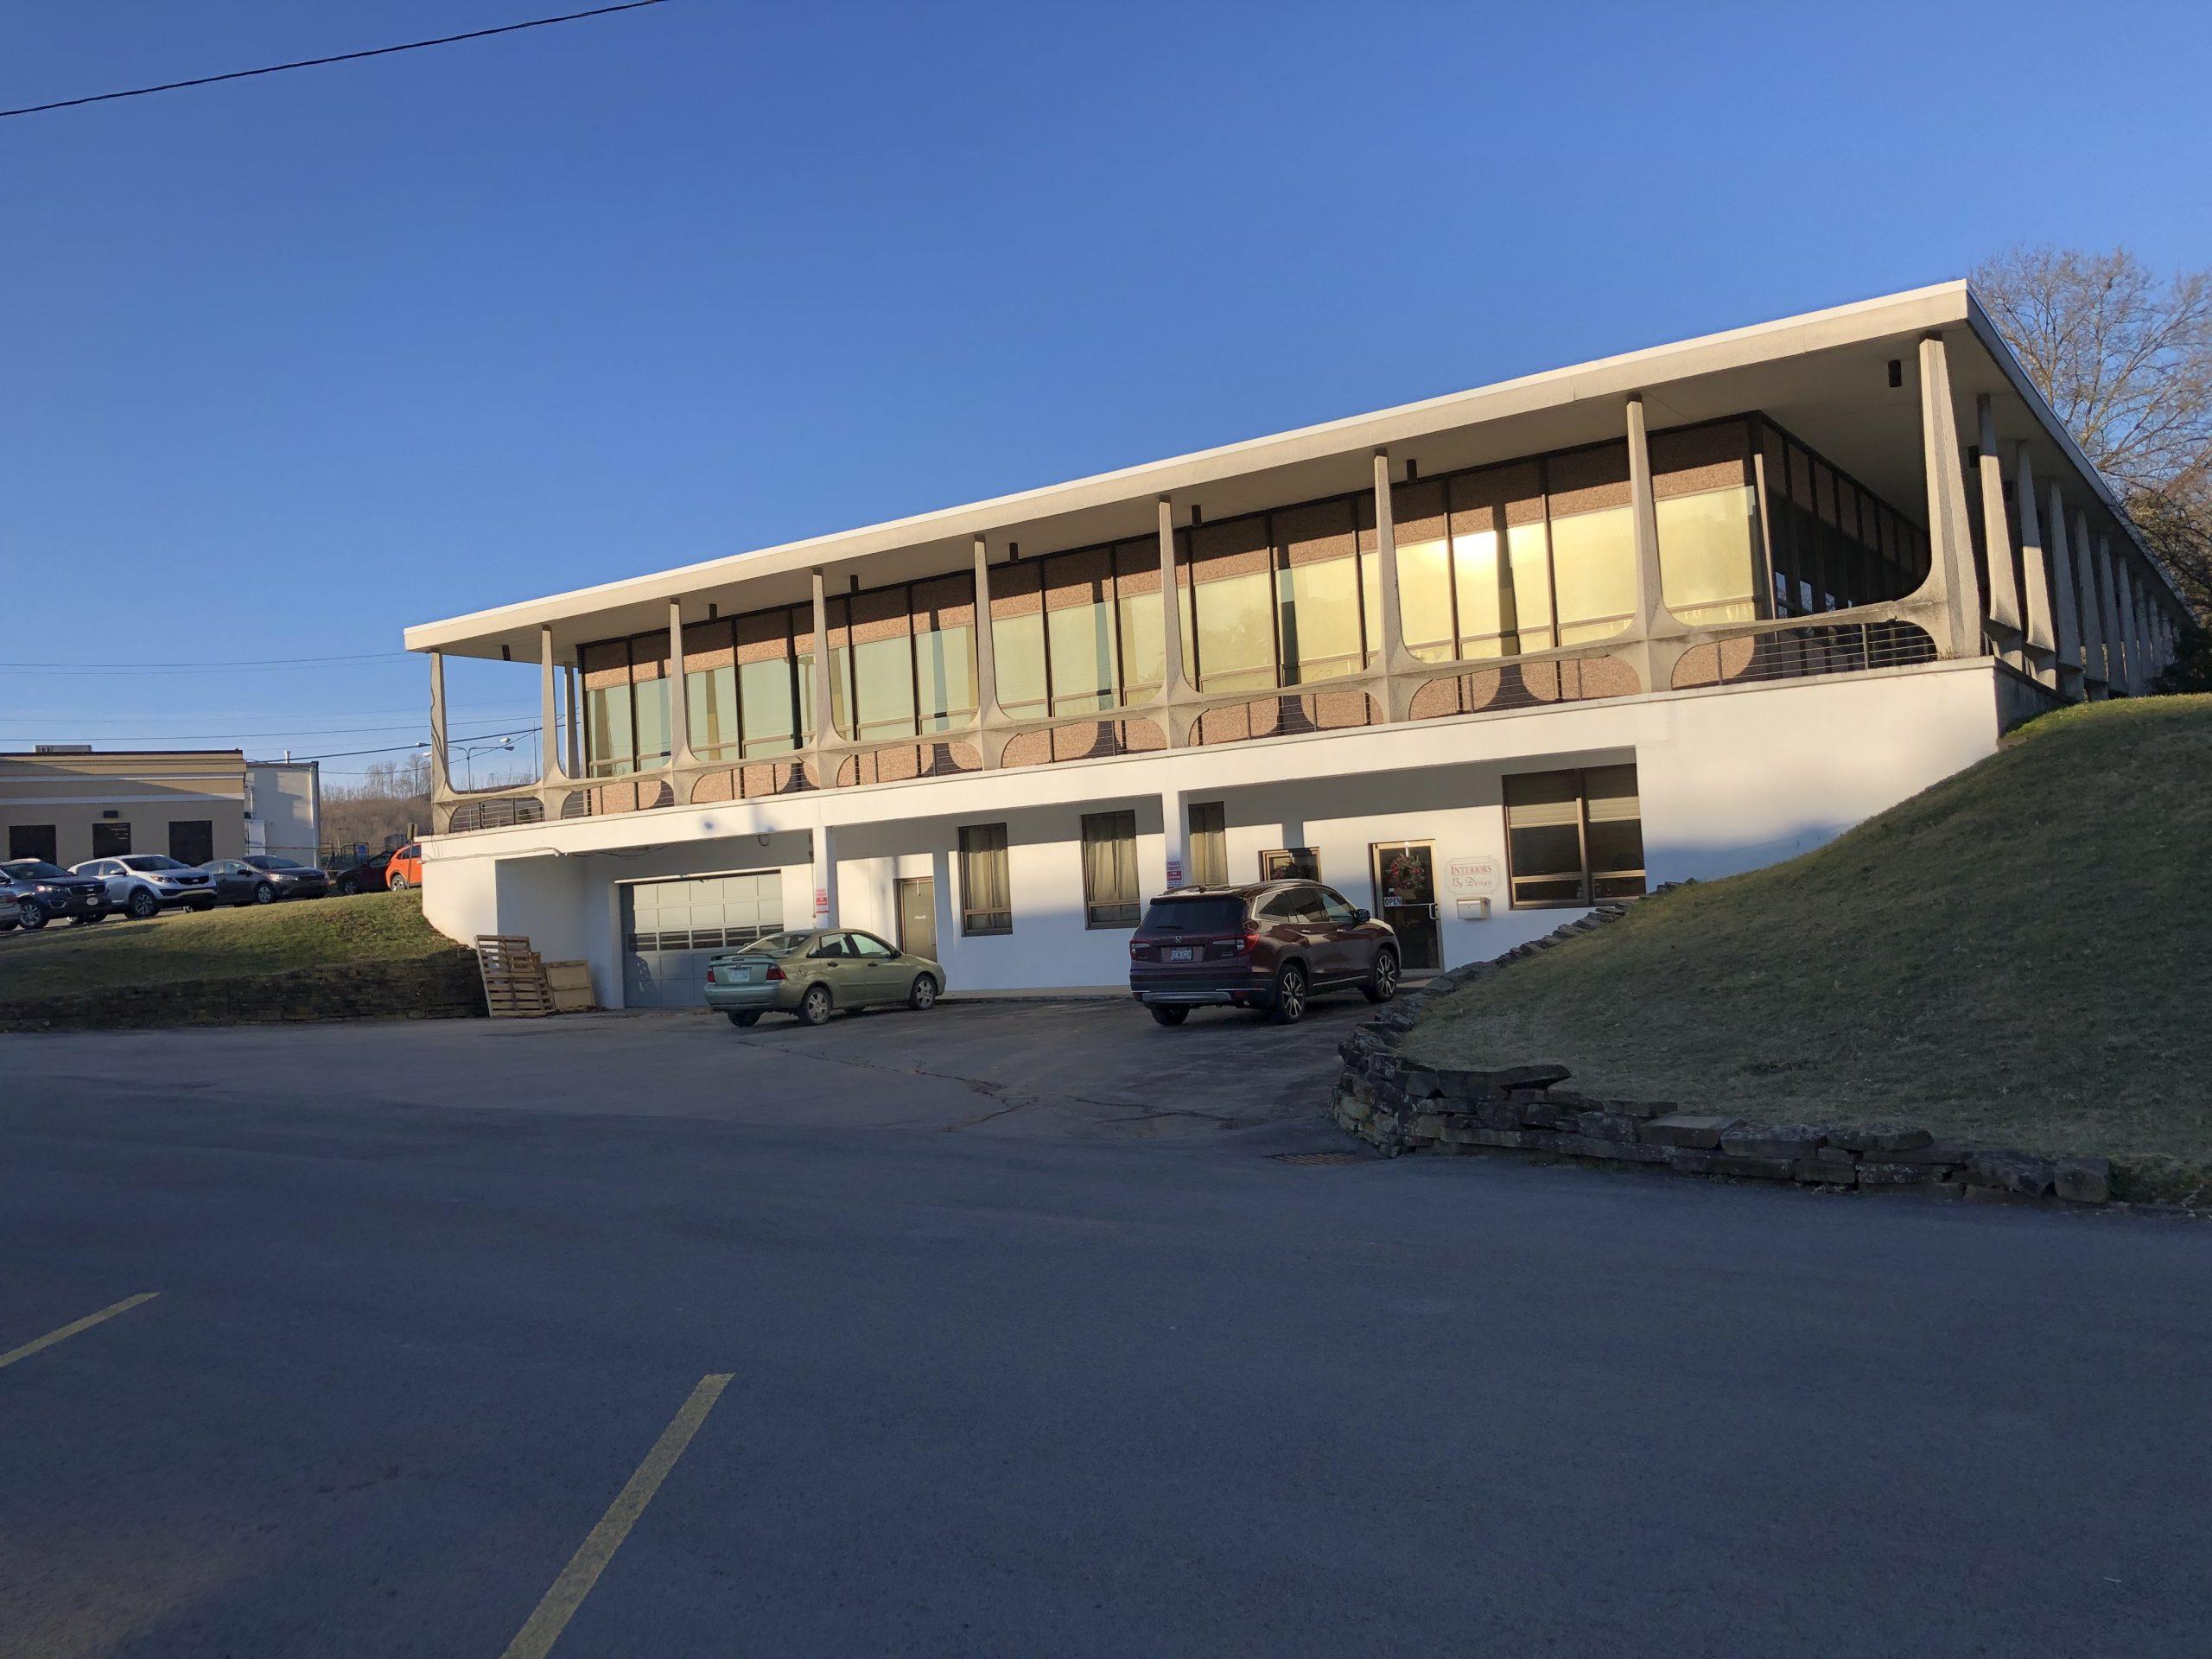 702 Oakmound Road - Clarksburg, WV